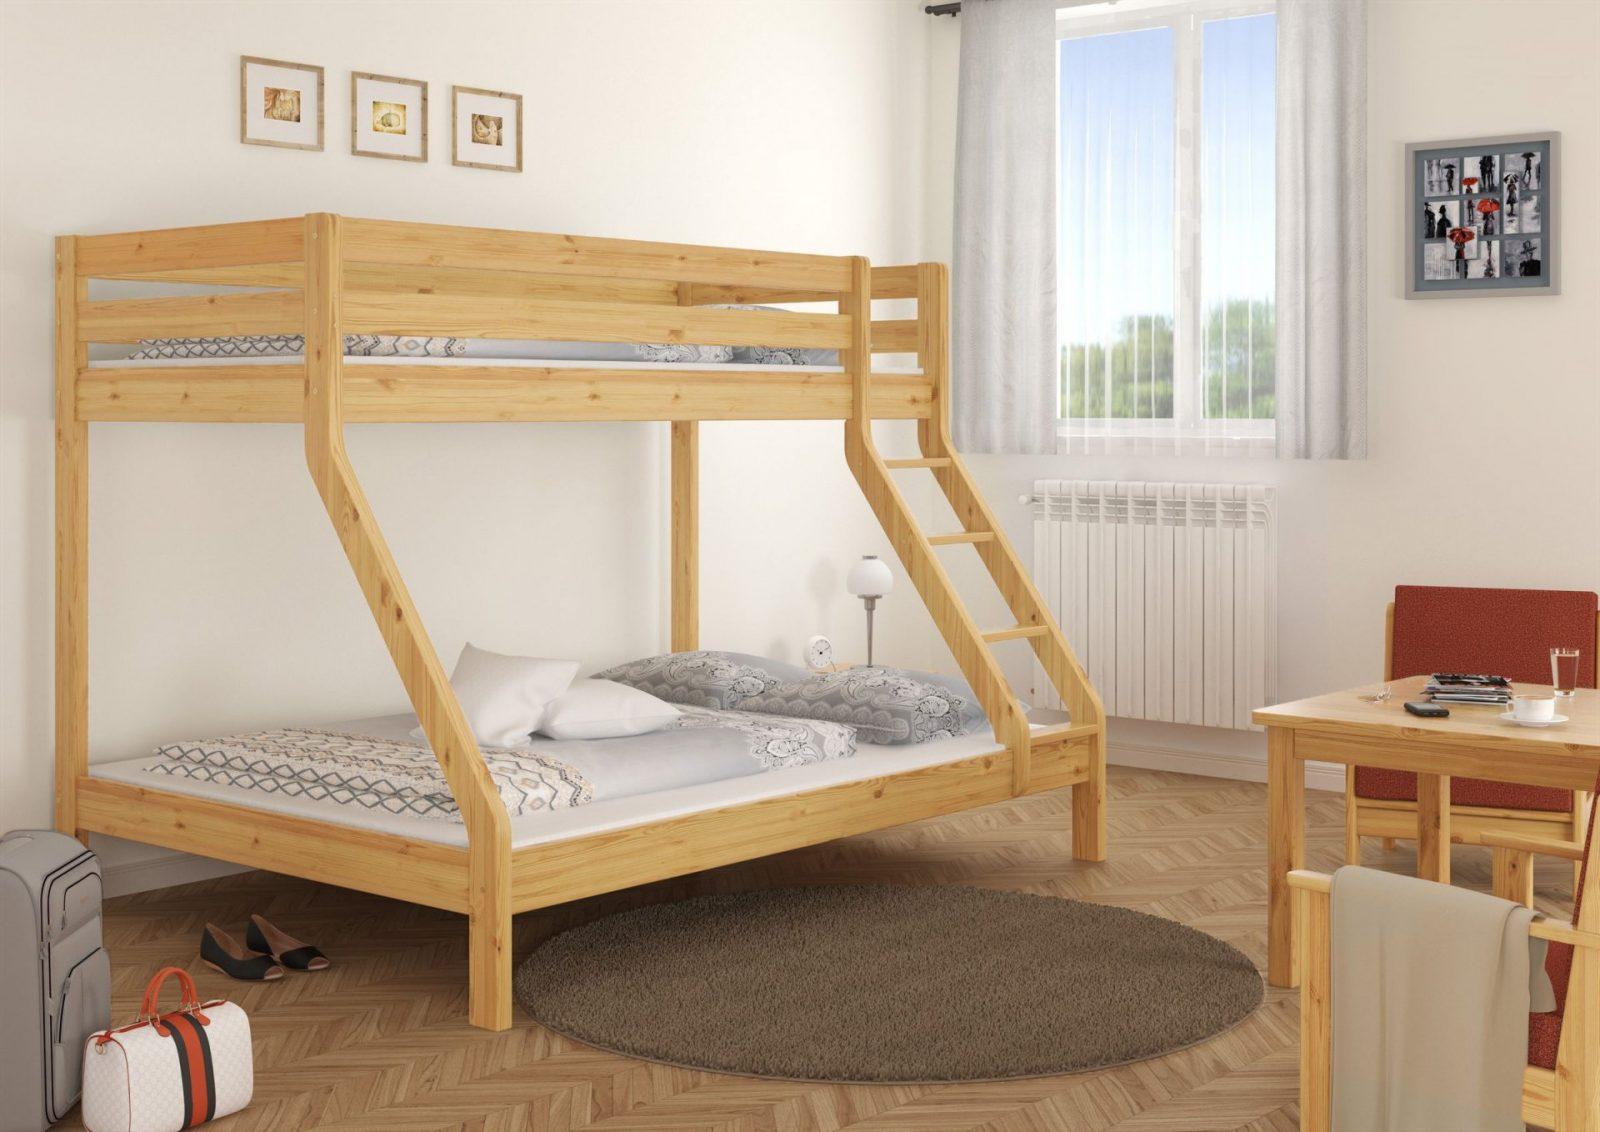 Doppeletagenbett Für Drei Personen 140X200 U 90X200 Für Erwachsene von Hochbett Für Erwachsene 140X200 Bild